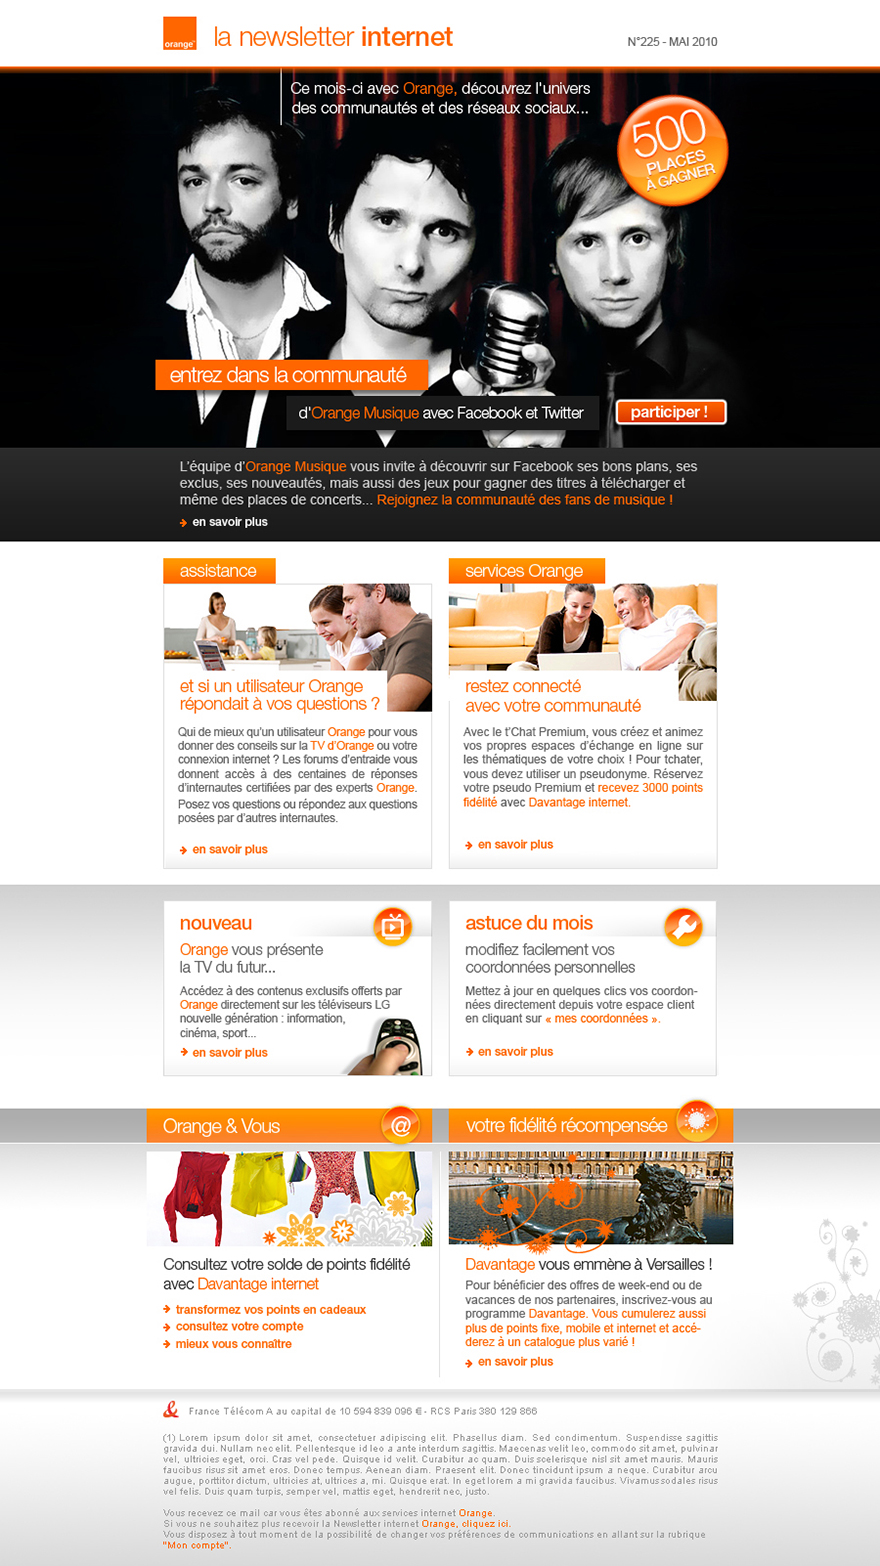 Design de la newsletter évènementielle Orange internet